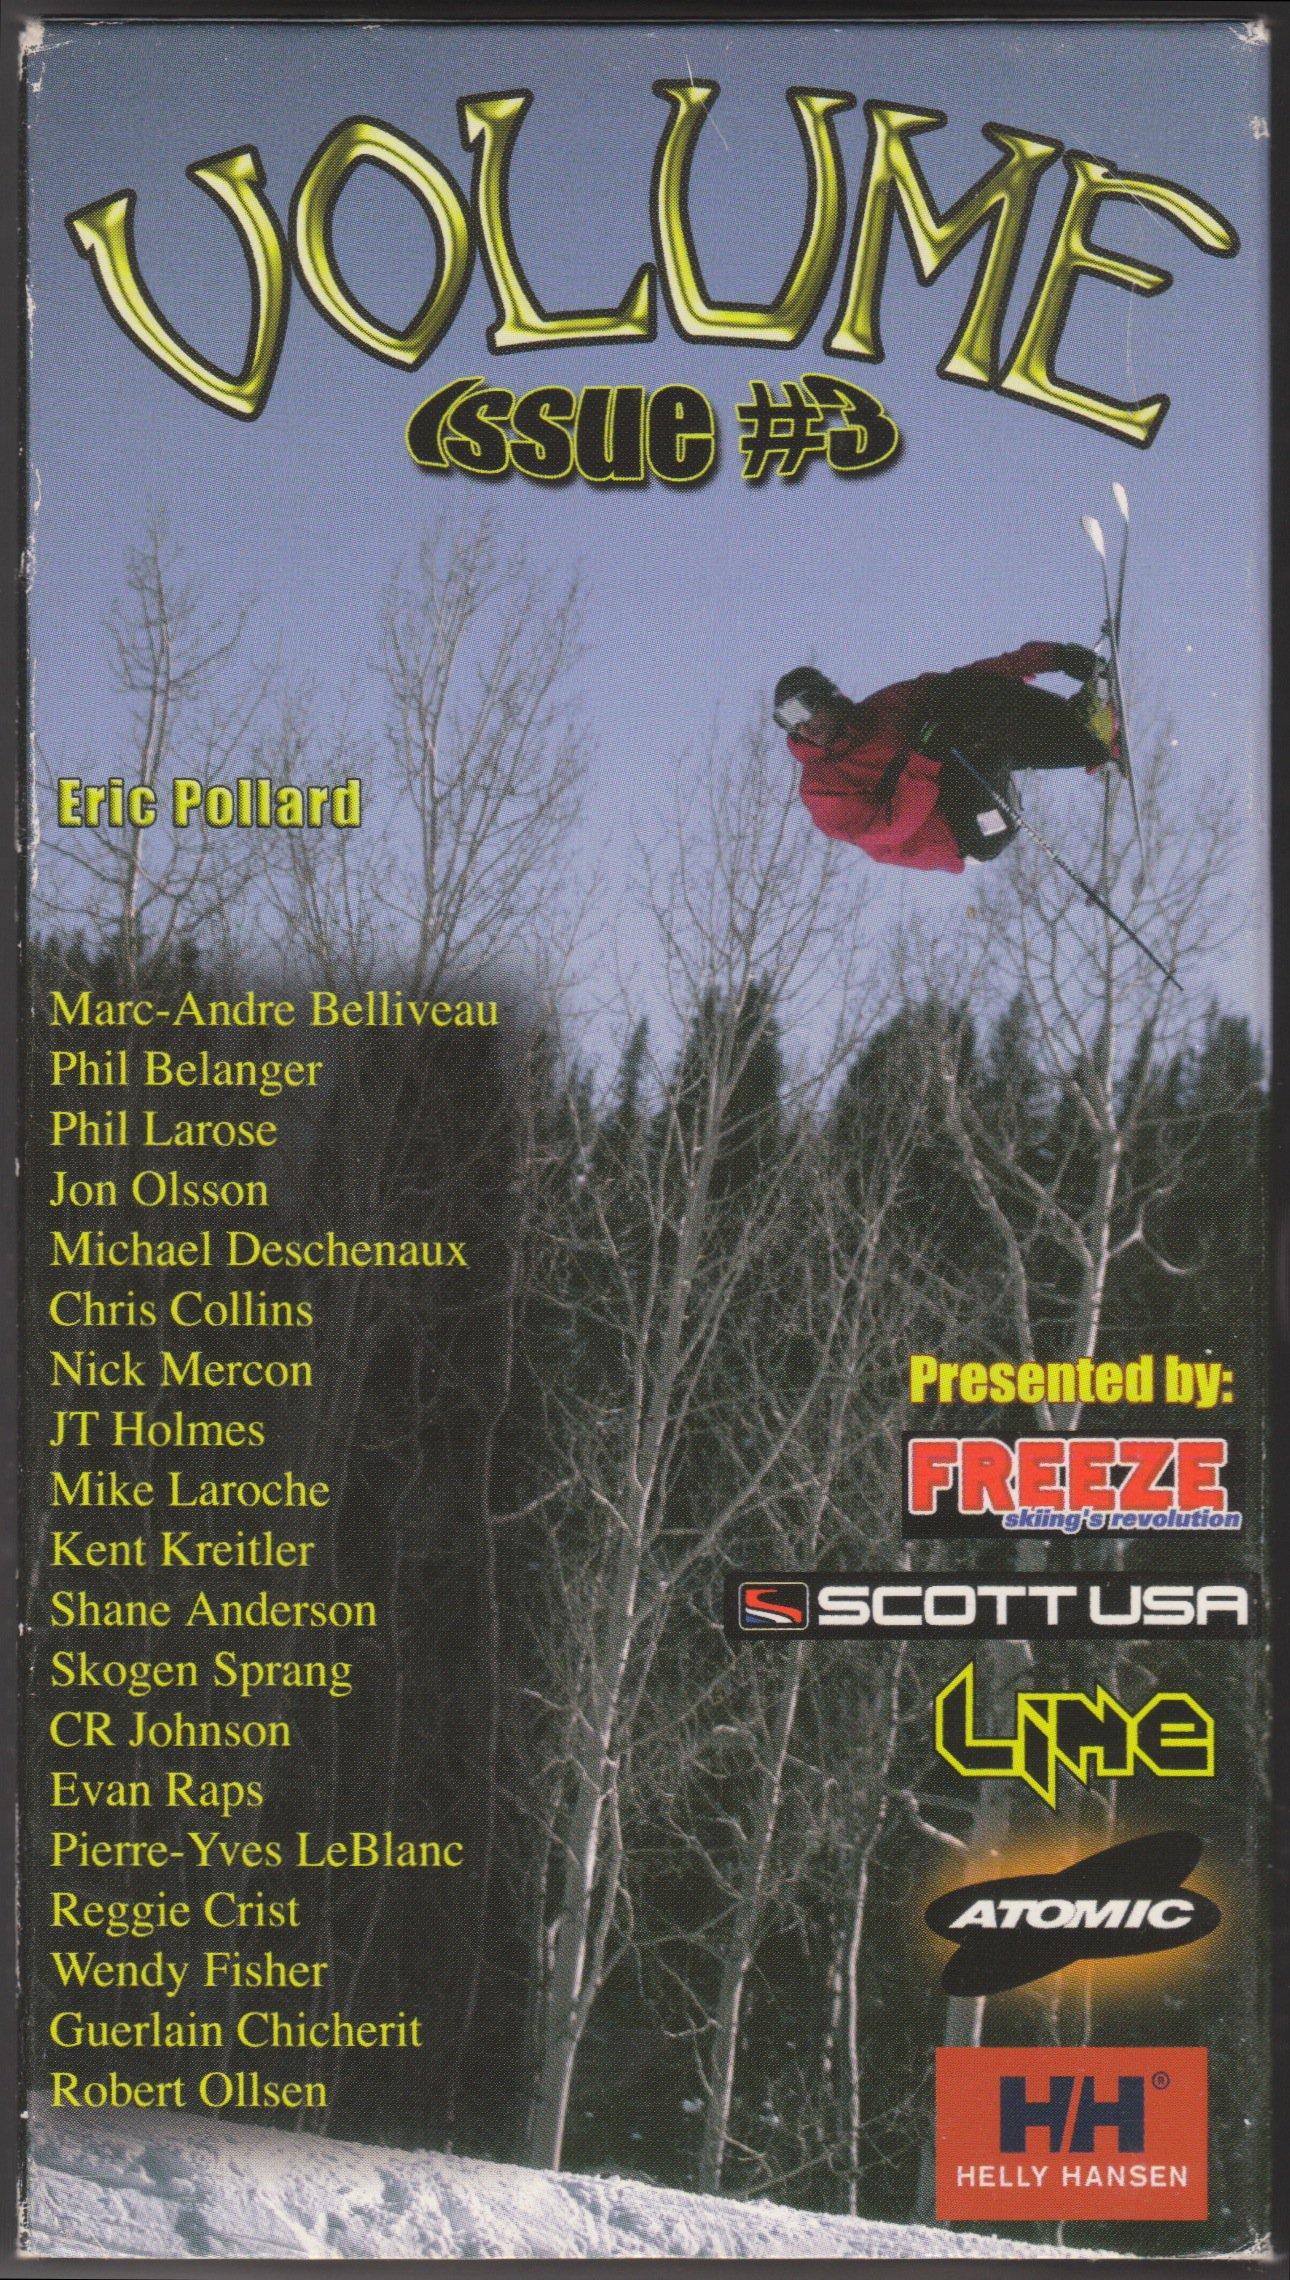 Volume Video Magazine - Issue #3 (2000)